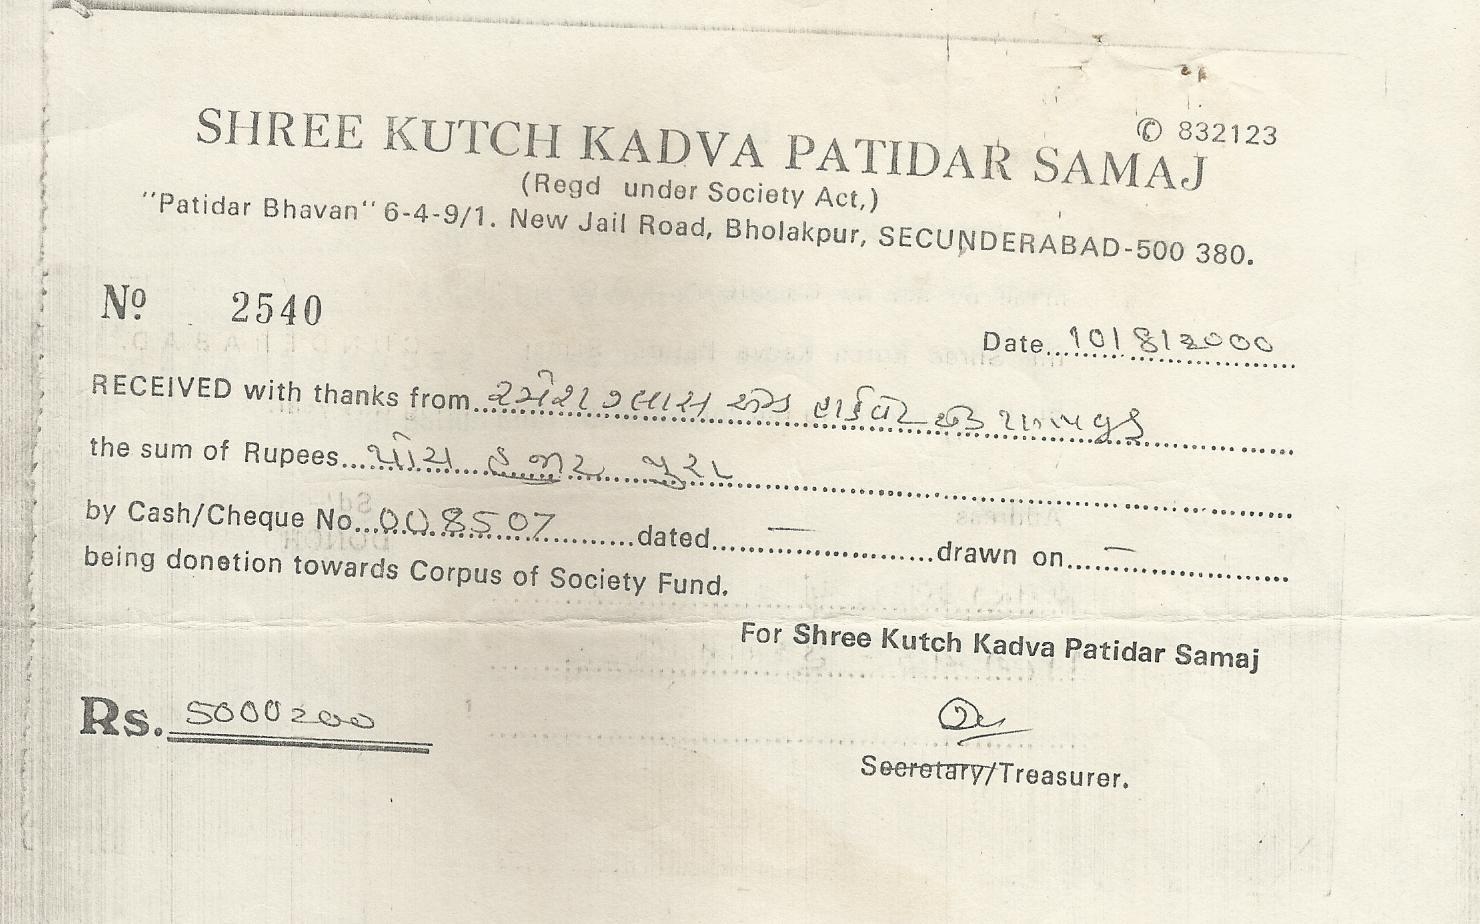 kutch kadva patidar samaj sec bad samaj chit fund amount paid